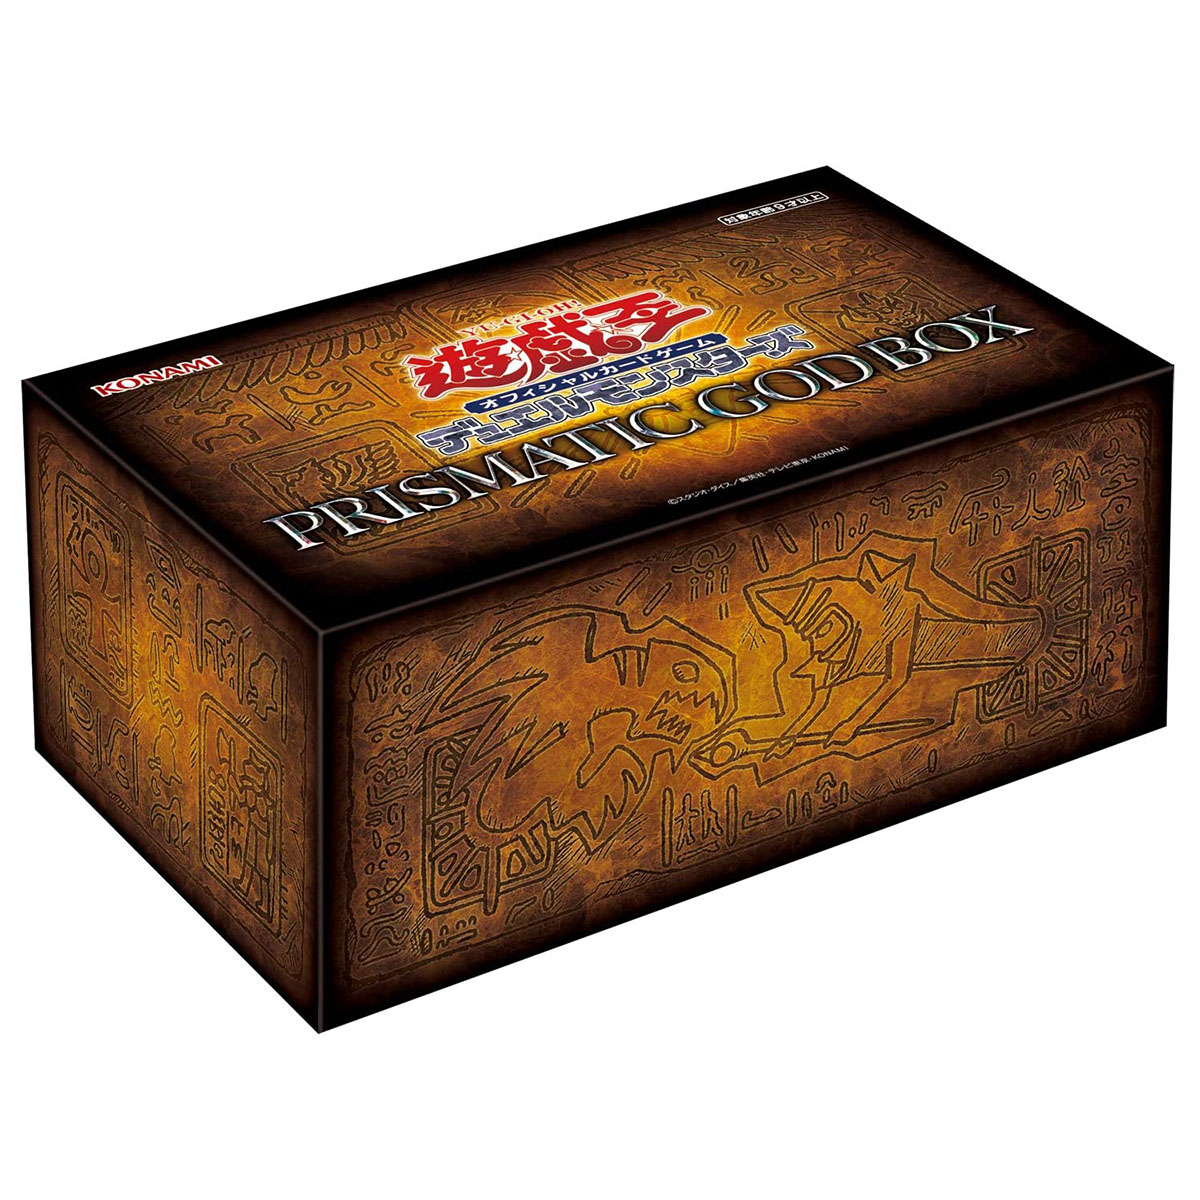 遊戯王OCG デュエルモンスターズ『PRISMATIC GOD BOX(プリズマティック・ゴッド・ボックス)』トレカ-001